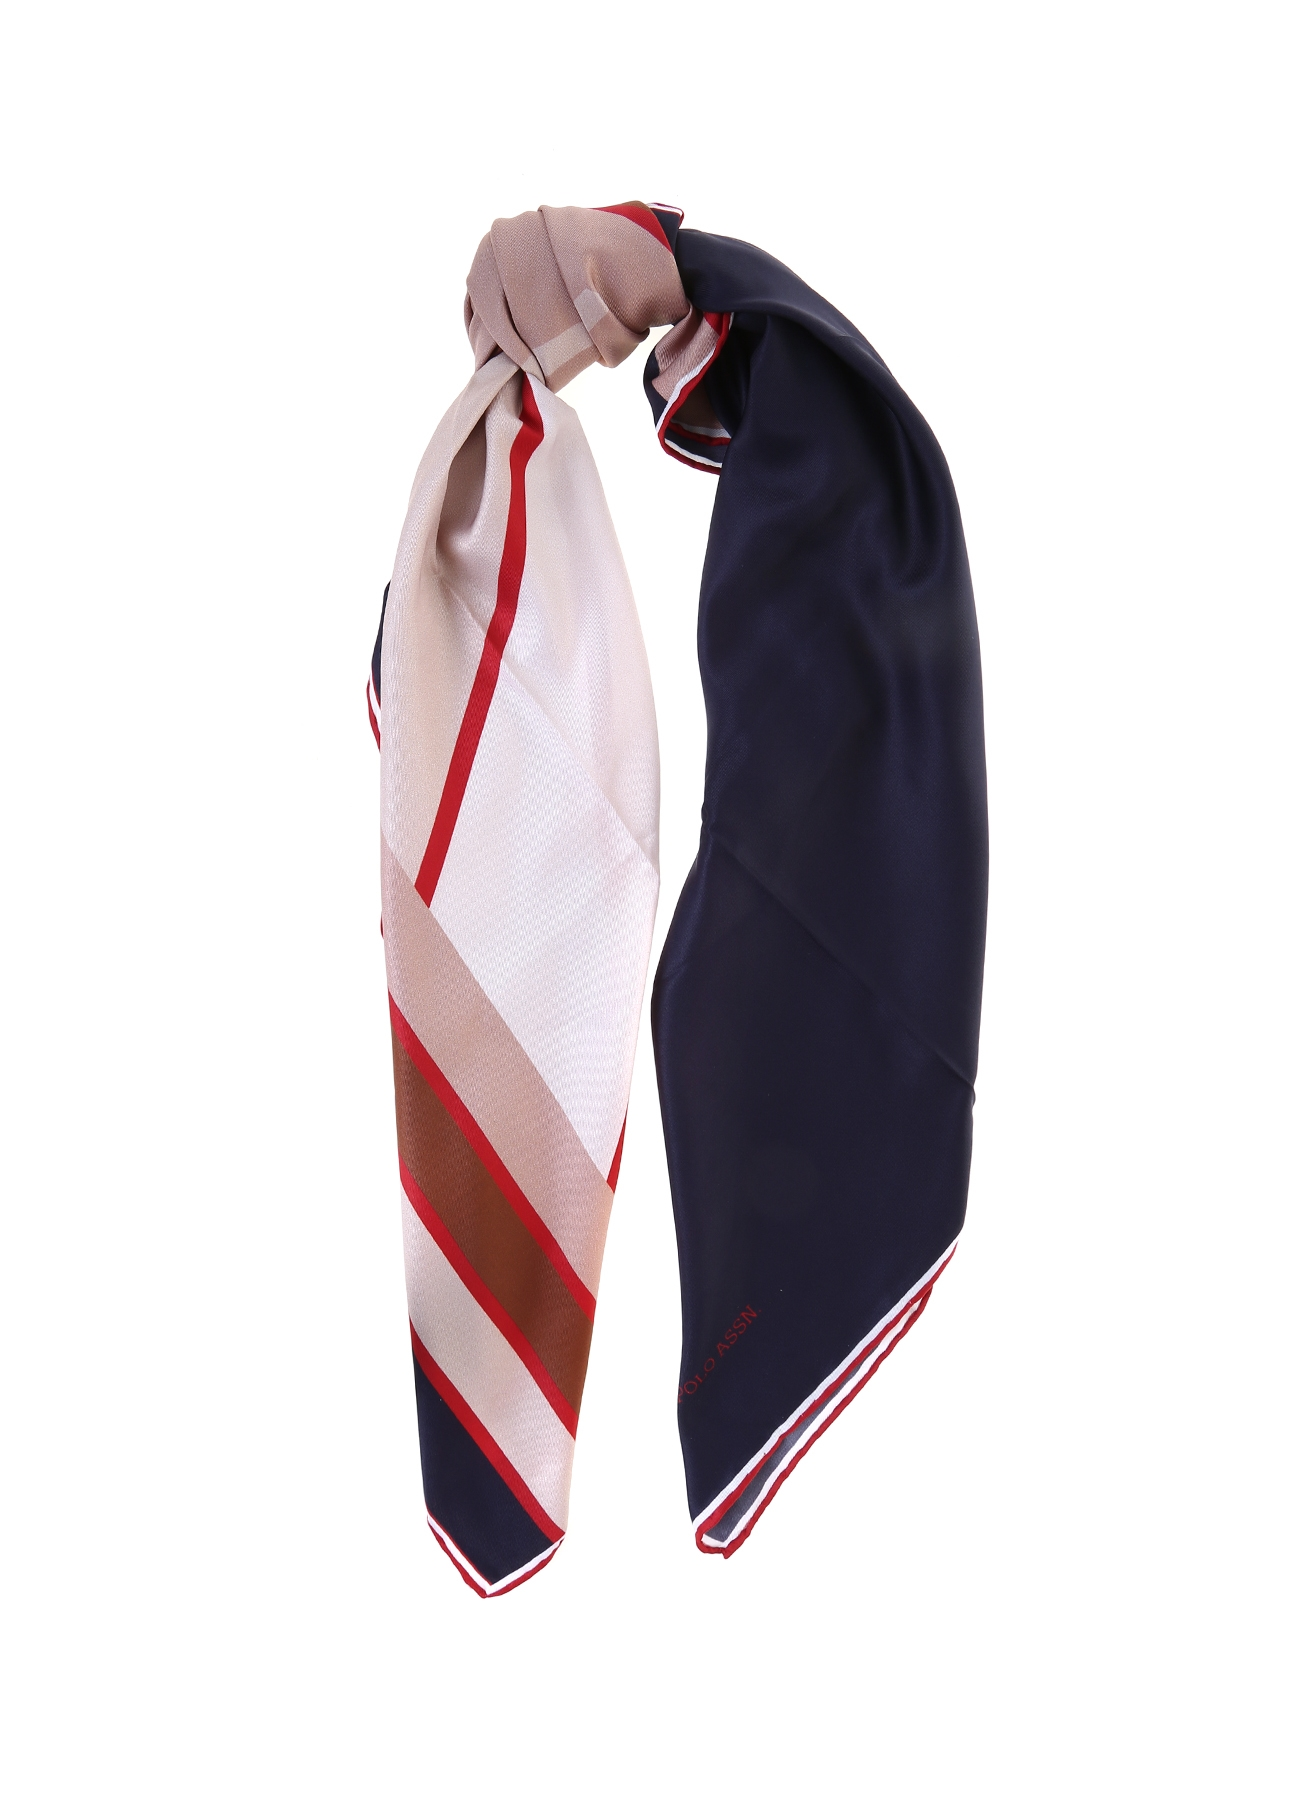 U.S. Polo Assn. Geometrik Desenli Eşarp 5000221221001 Ürün Resmi